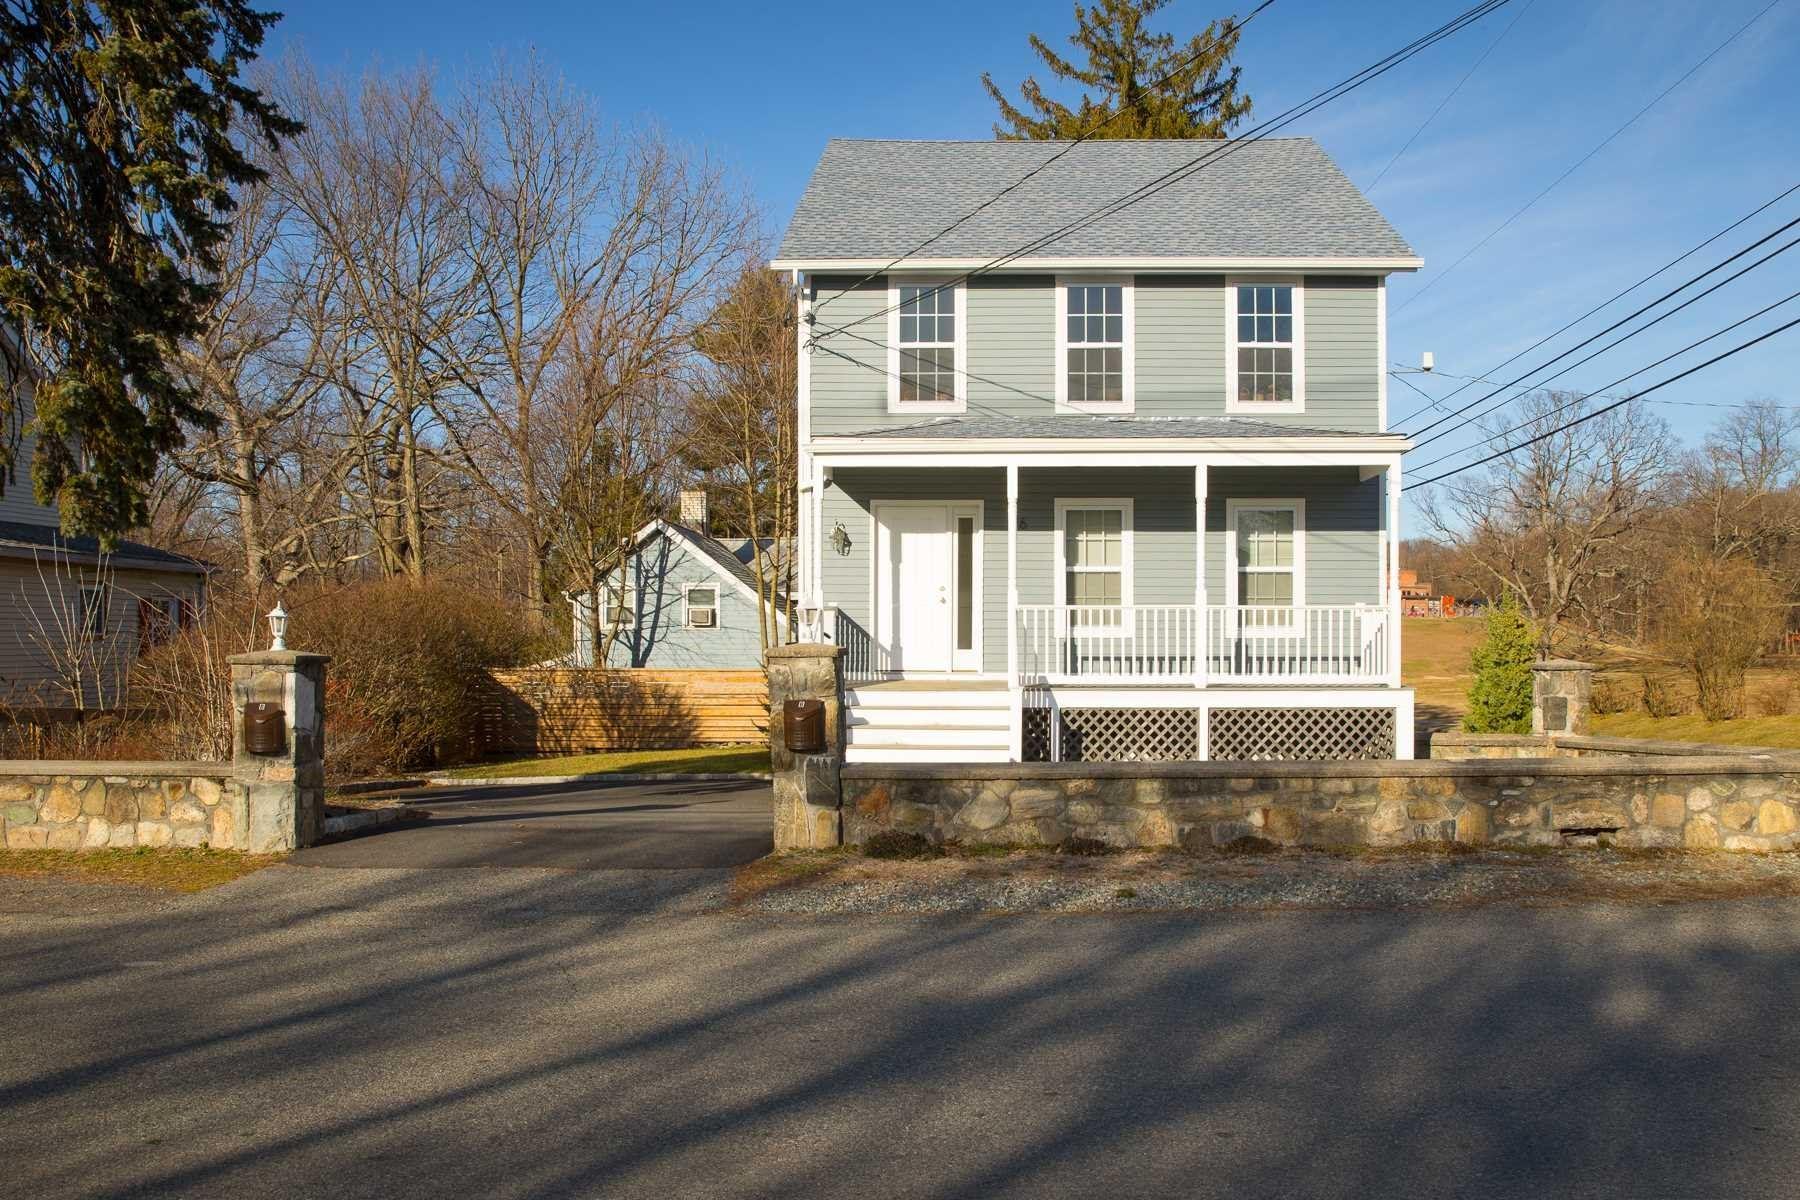 16 GROVE, Beacon, NY 12508 - #: 389017